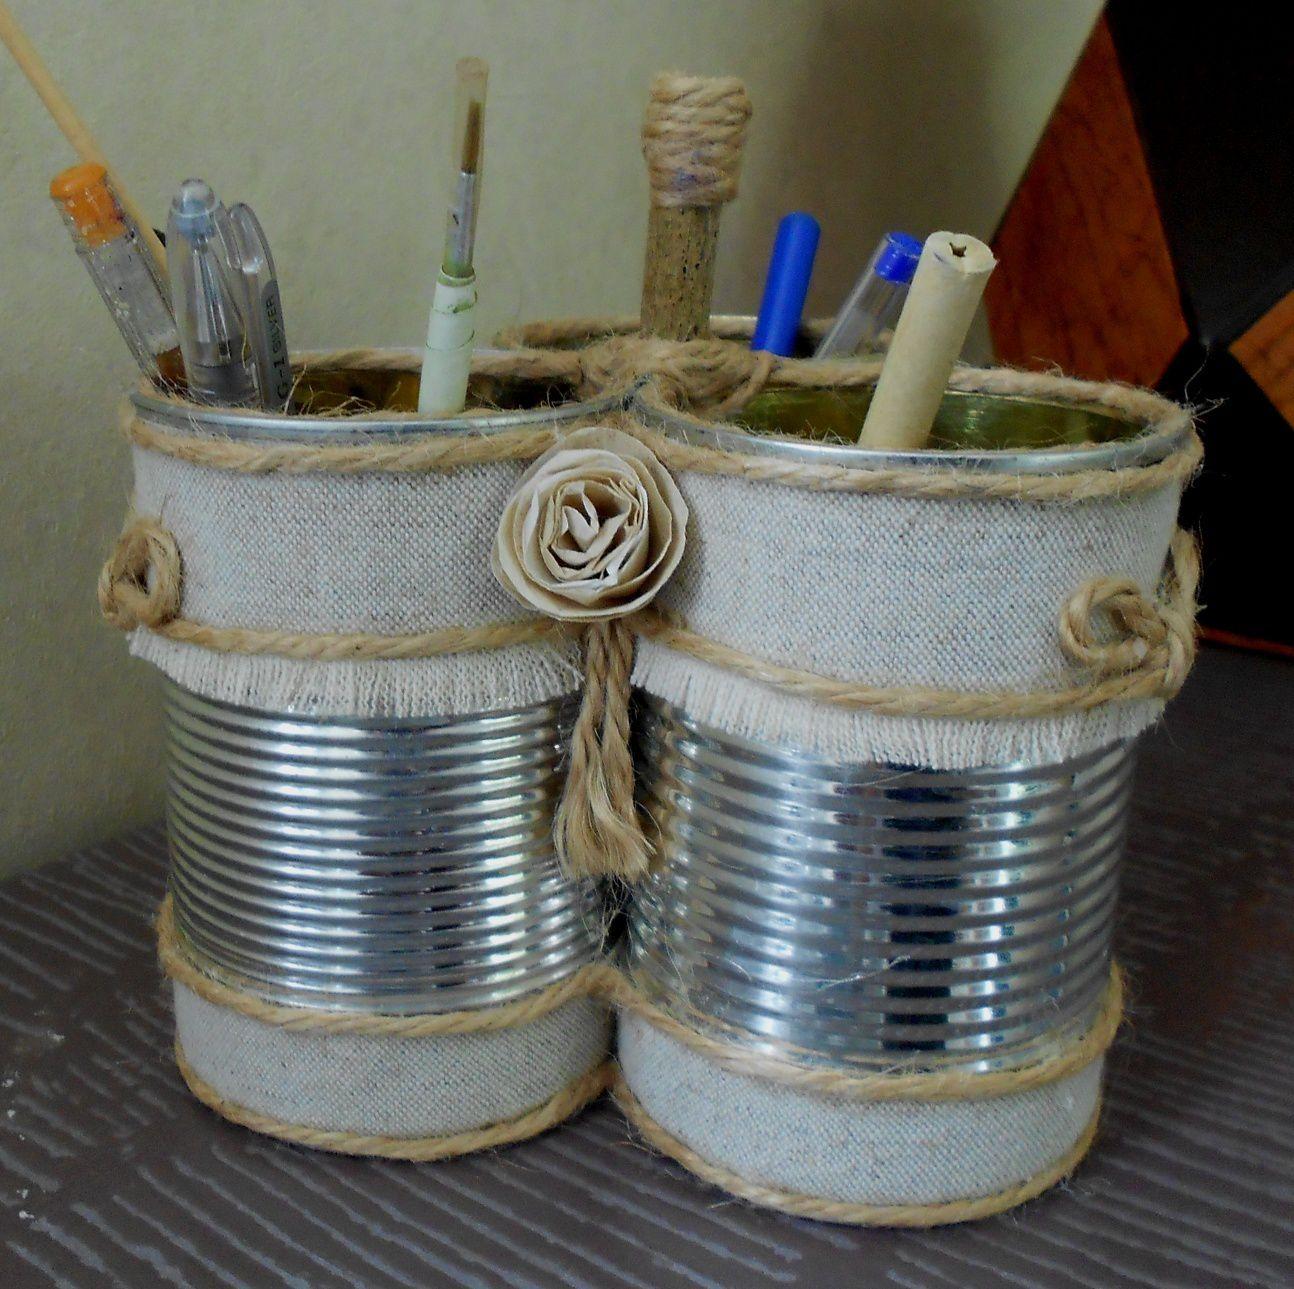 pots crayon recyclage le blog de. Black Bedroom Furniture Sets. Home Design Ideas